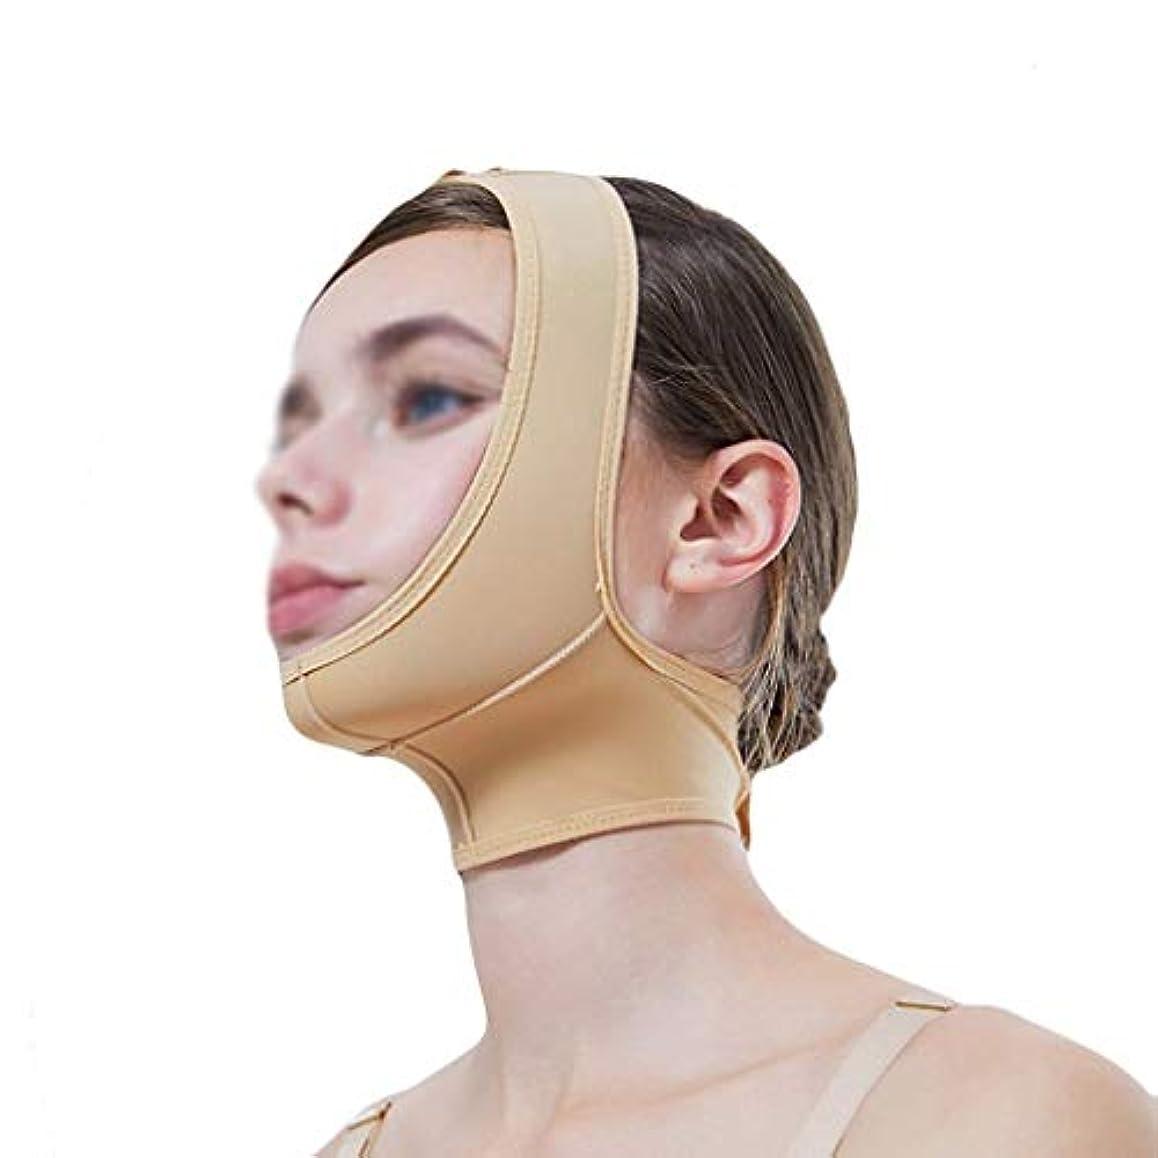 愛撫先住民志すマスク、超薄型ベルト、フェイスリフティングに適し、フェイスリフティング、通気性包帯、あご取りベルト、超薄型ベルト、通気性(サイズ:XL),S